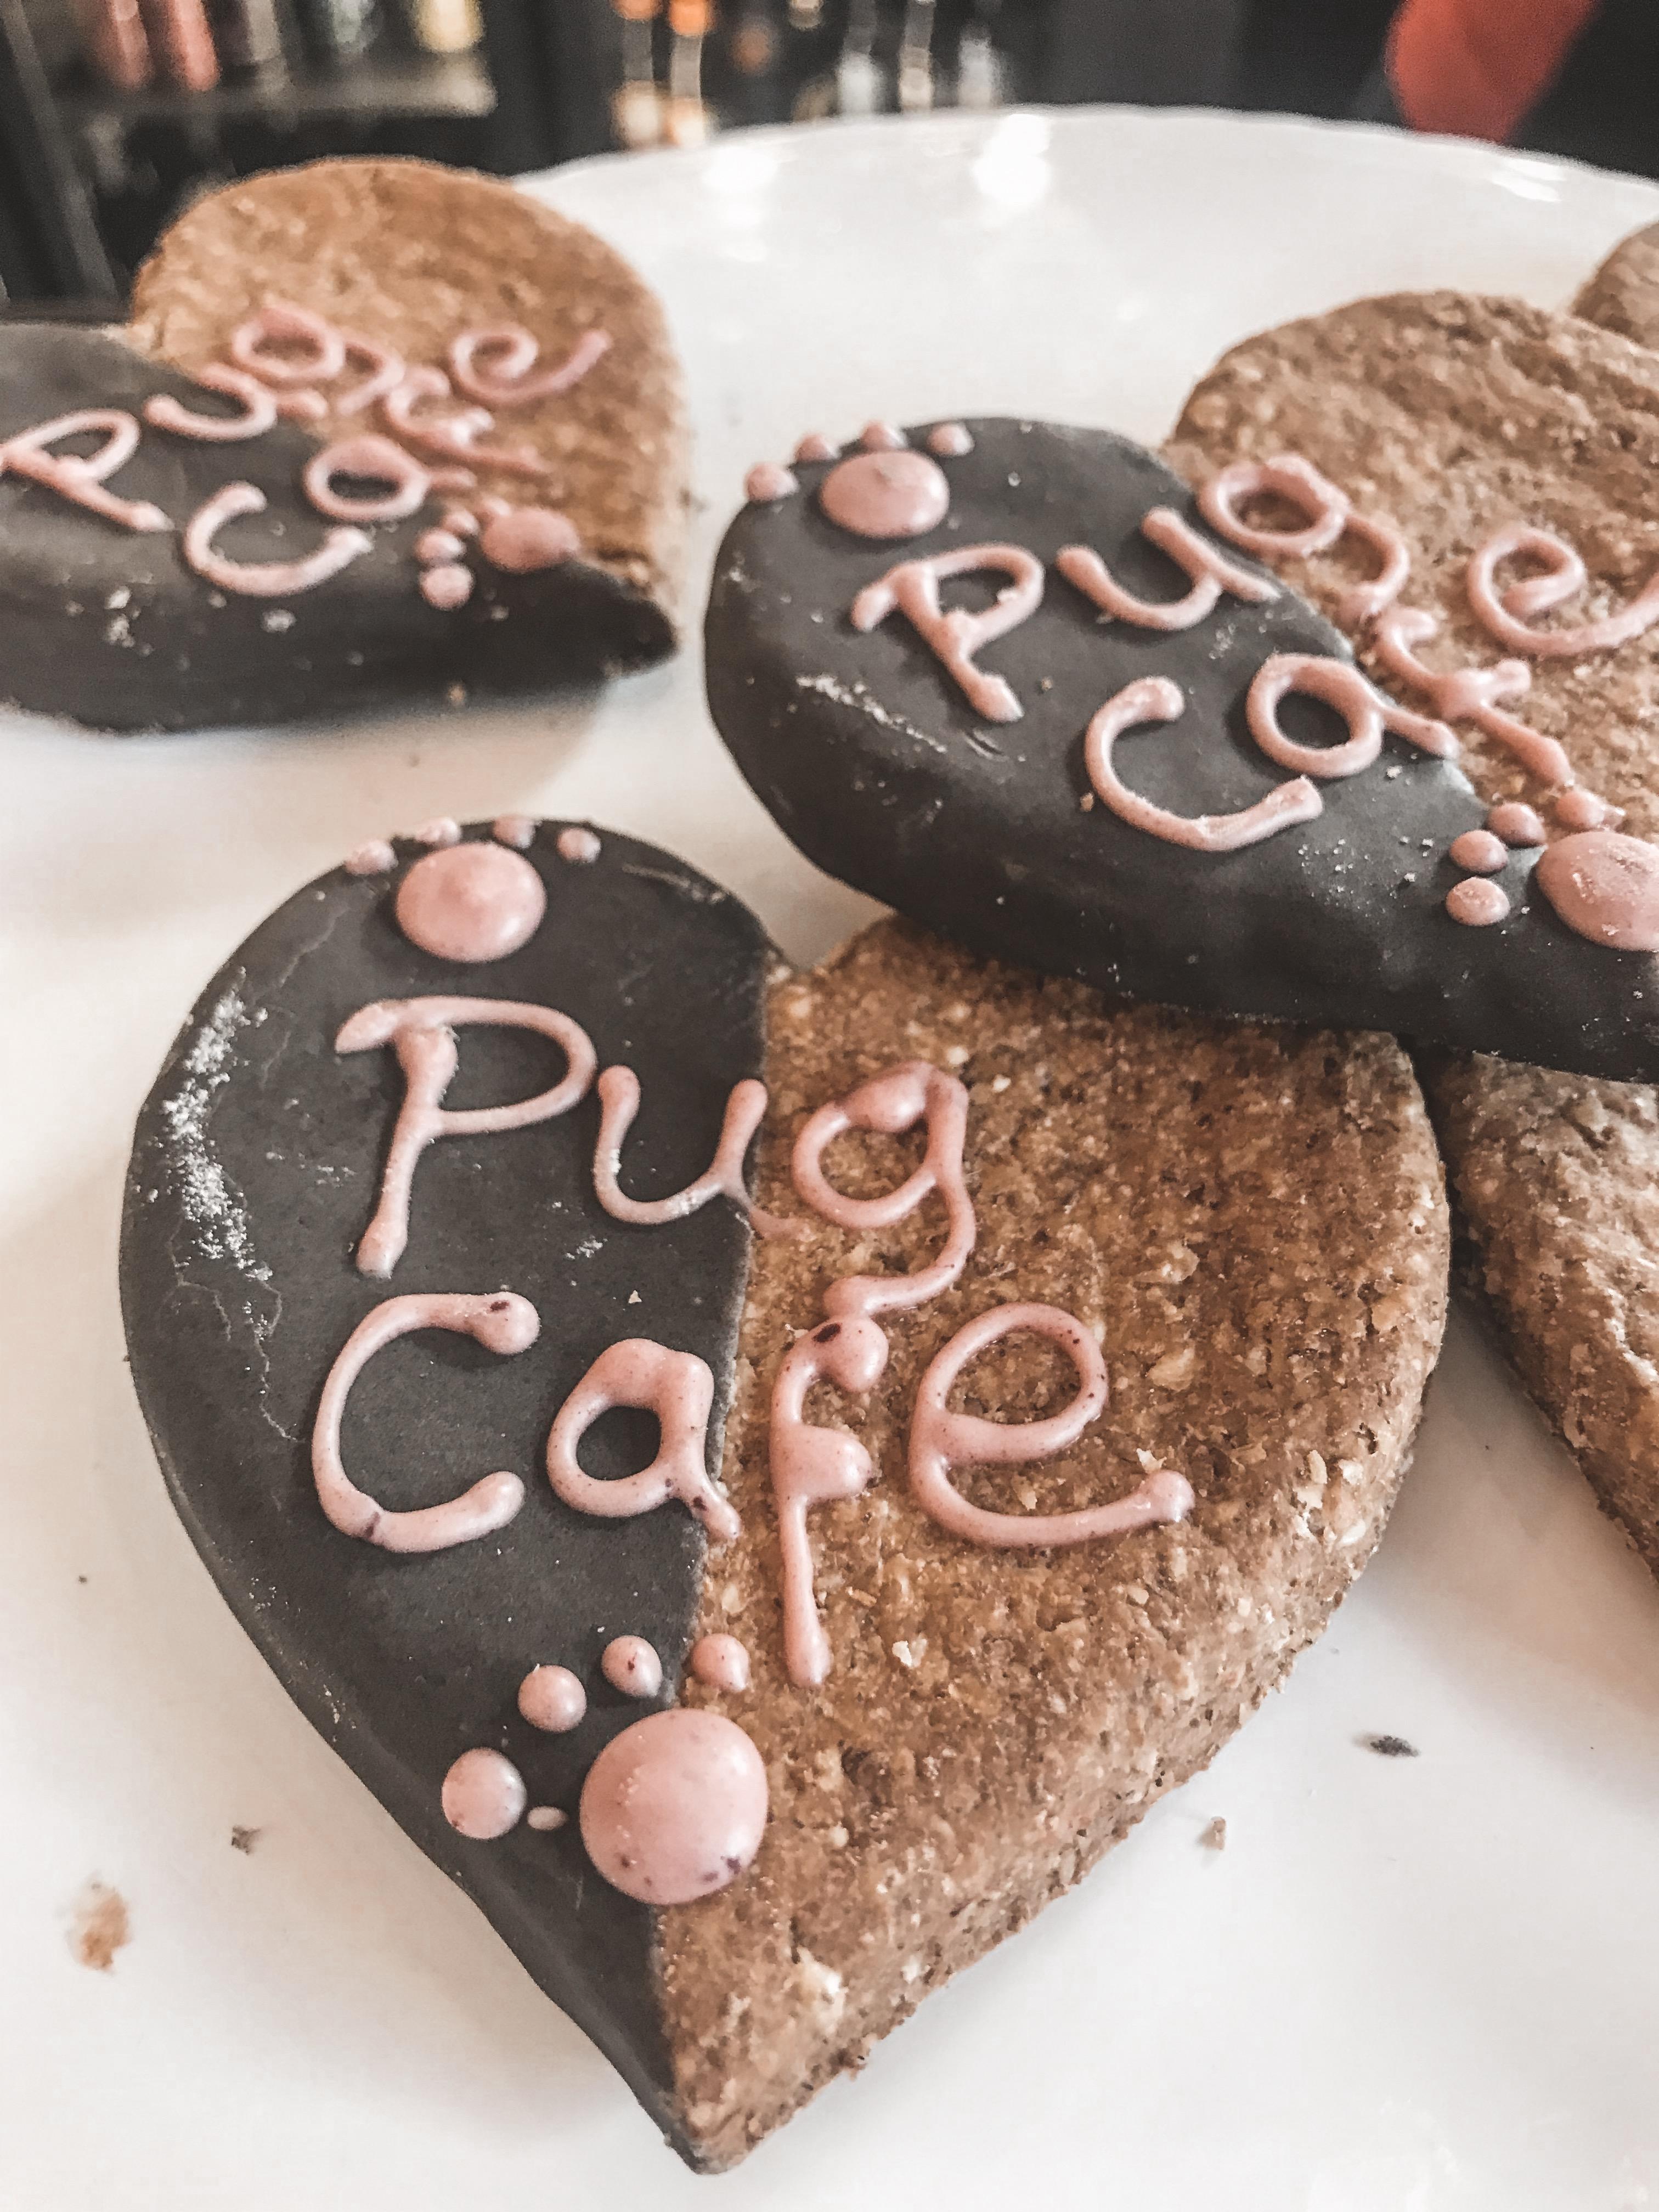 Pug Cafe Bristol pug cookies